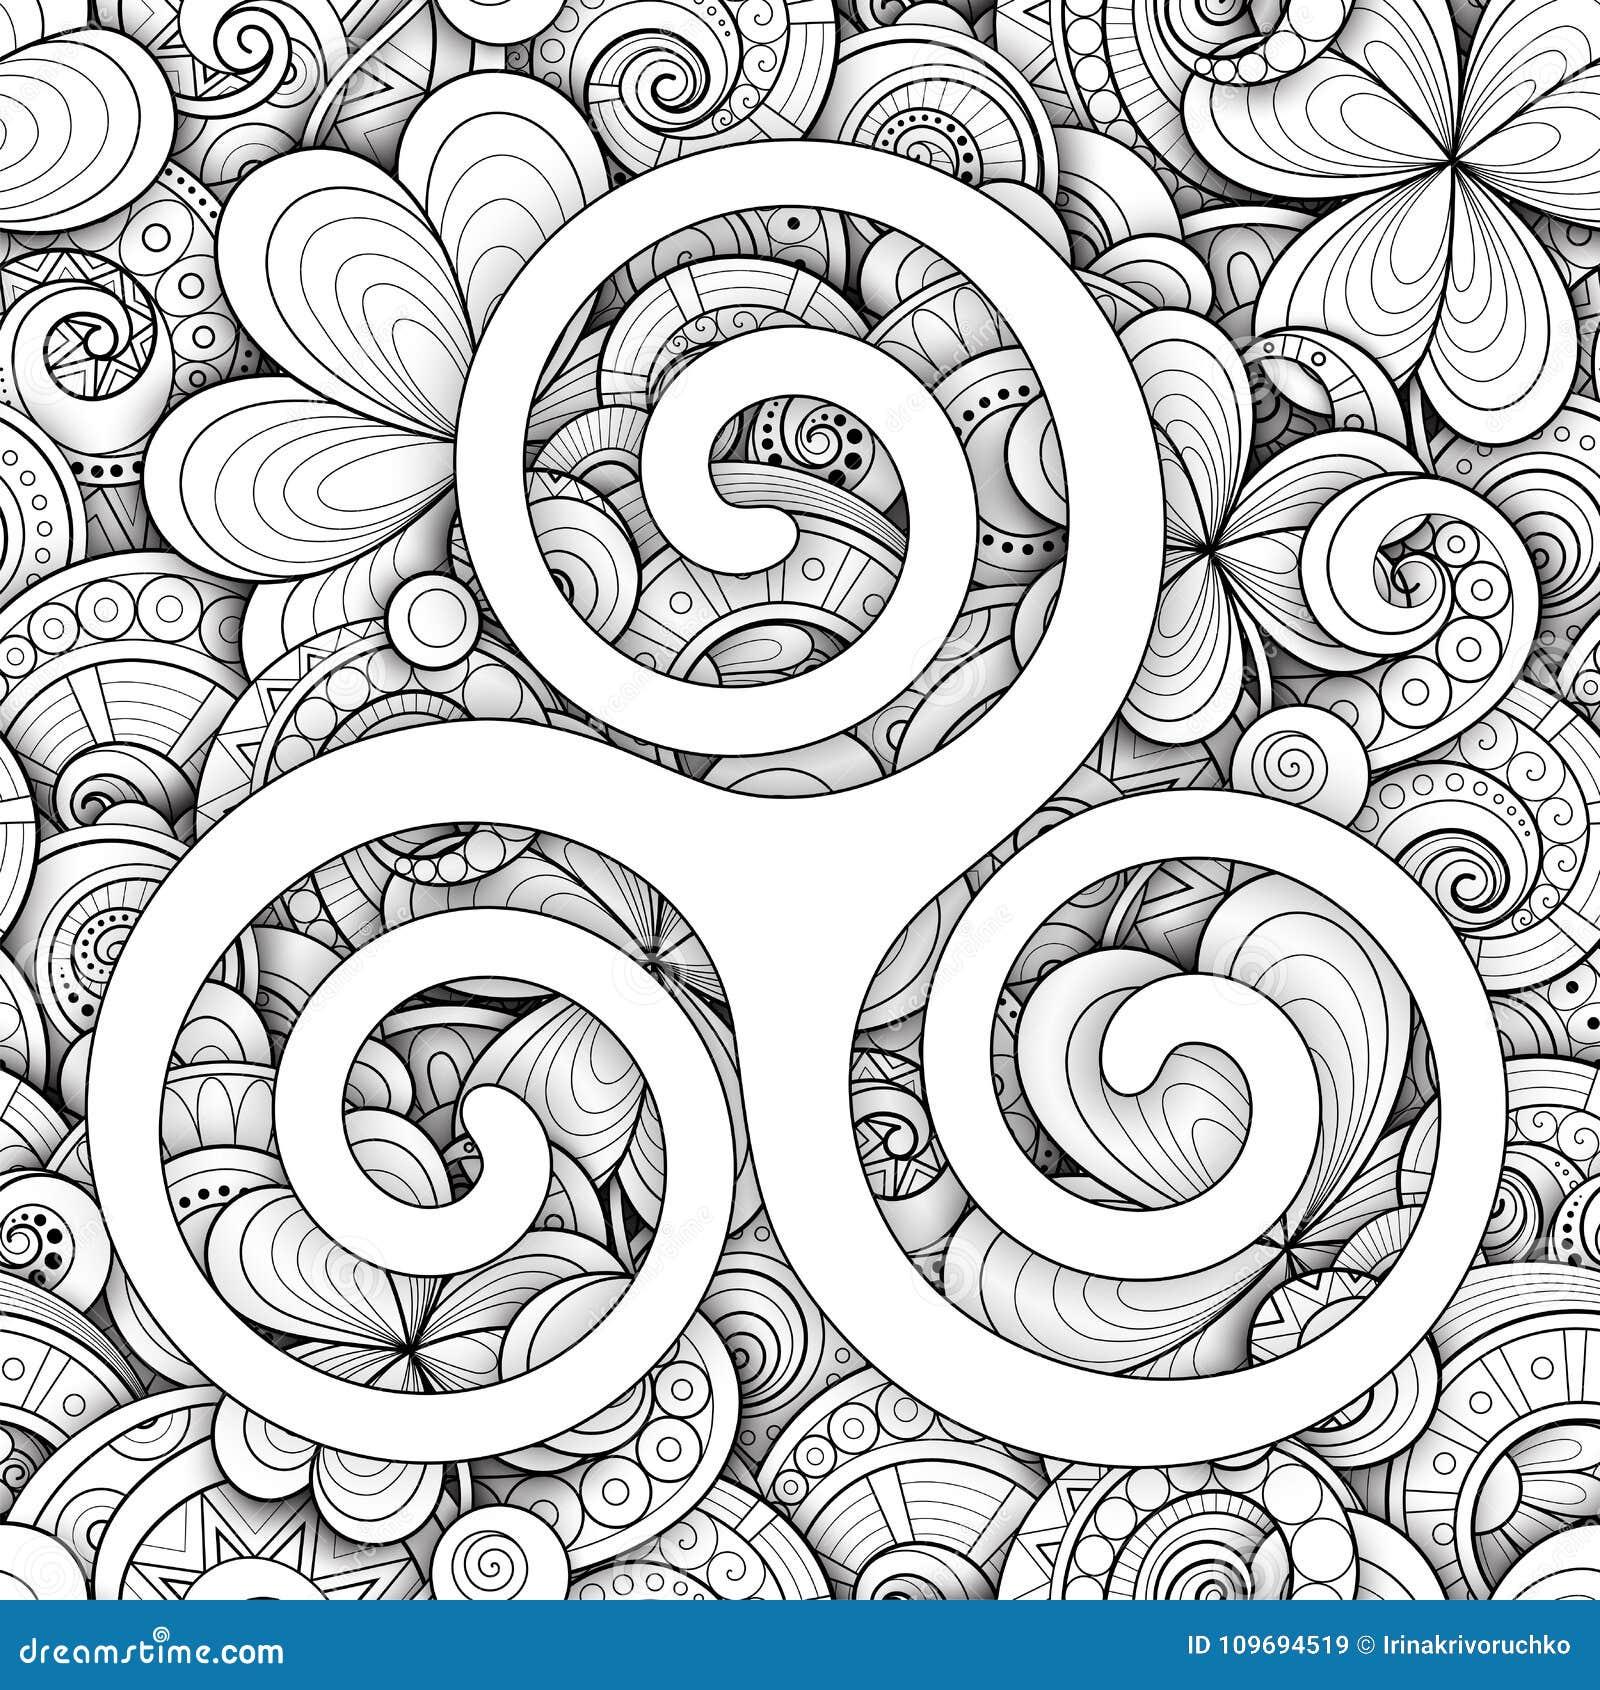 Celtic triskele symbol spiral sign stock vector illustration of celtic triskele symbol spiral sign buycottarizona Images